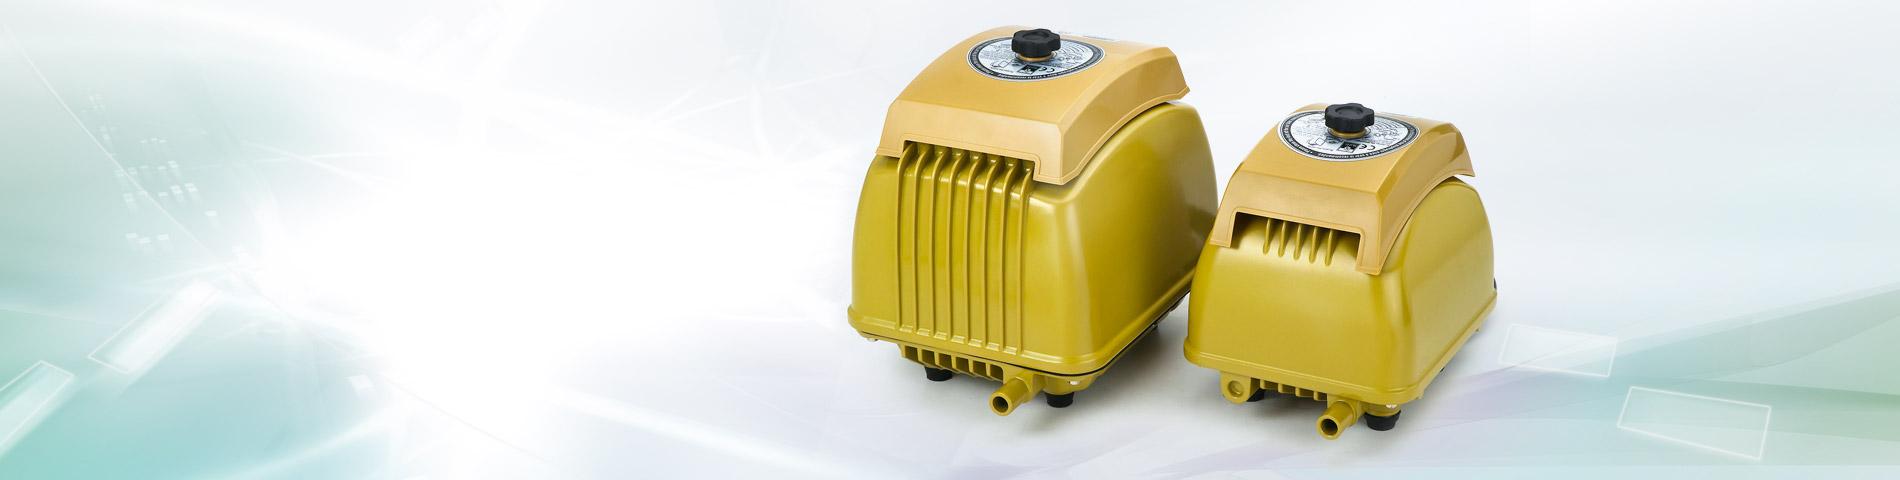 三敏电机   泵浦的领导品牌   不断的开发更有效能的产品以满足客户的需求,在制造的过程,严格的要求品质控管,并快速的处理任何客户的意见。